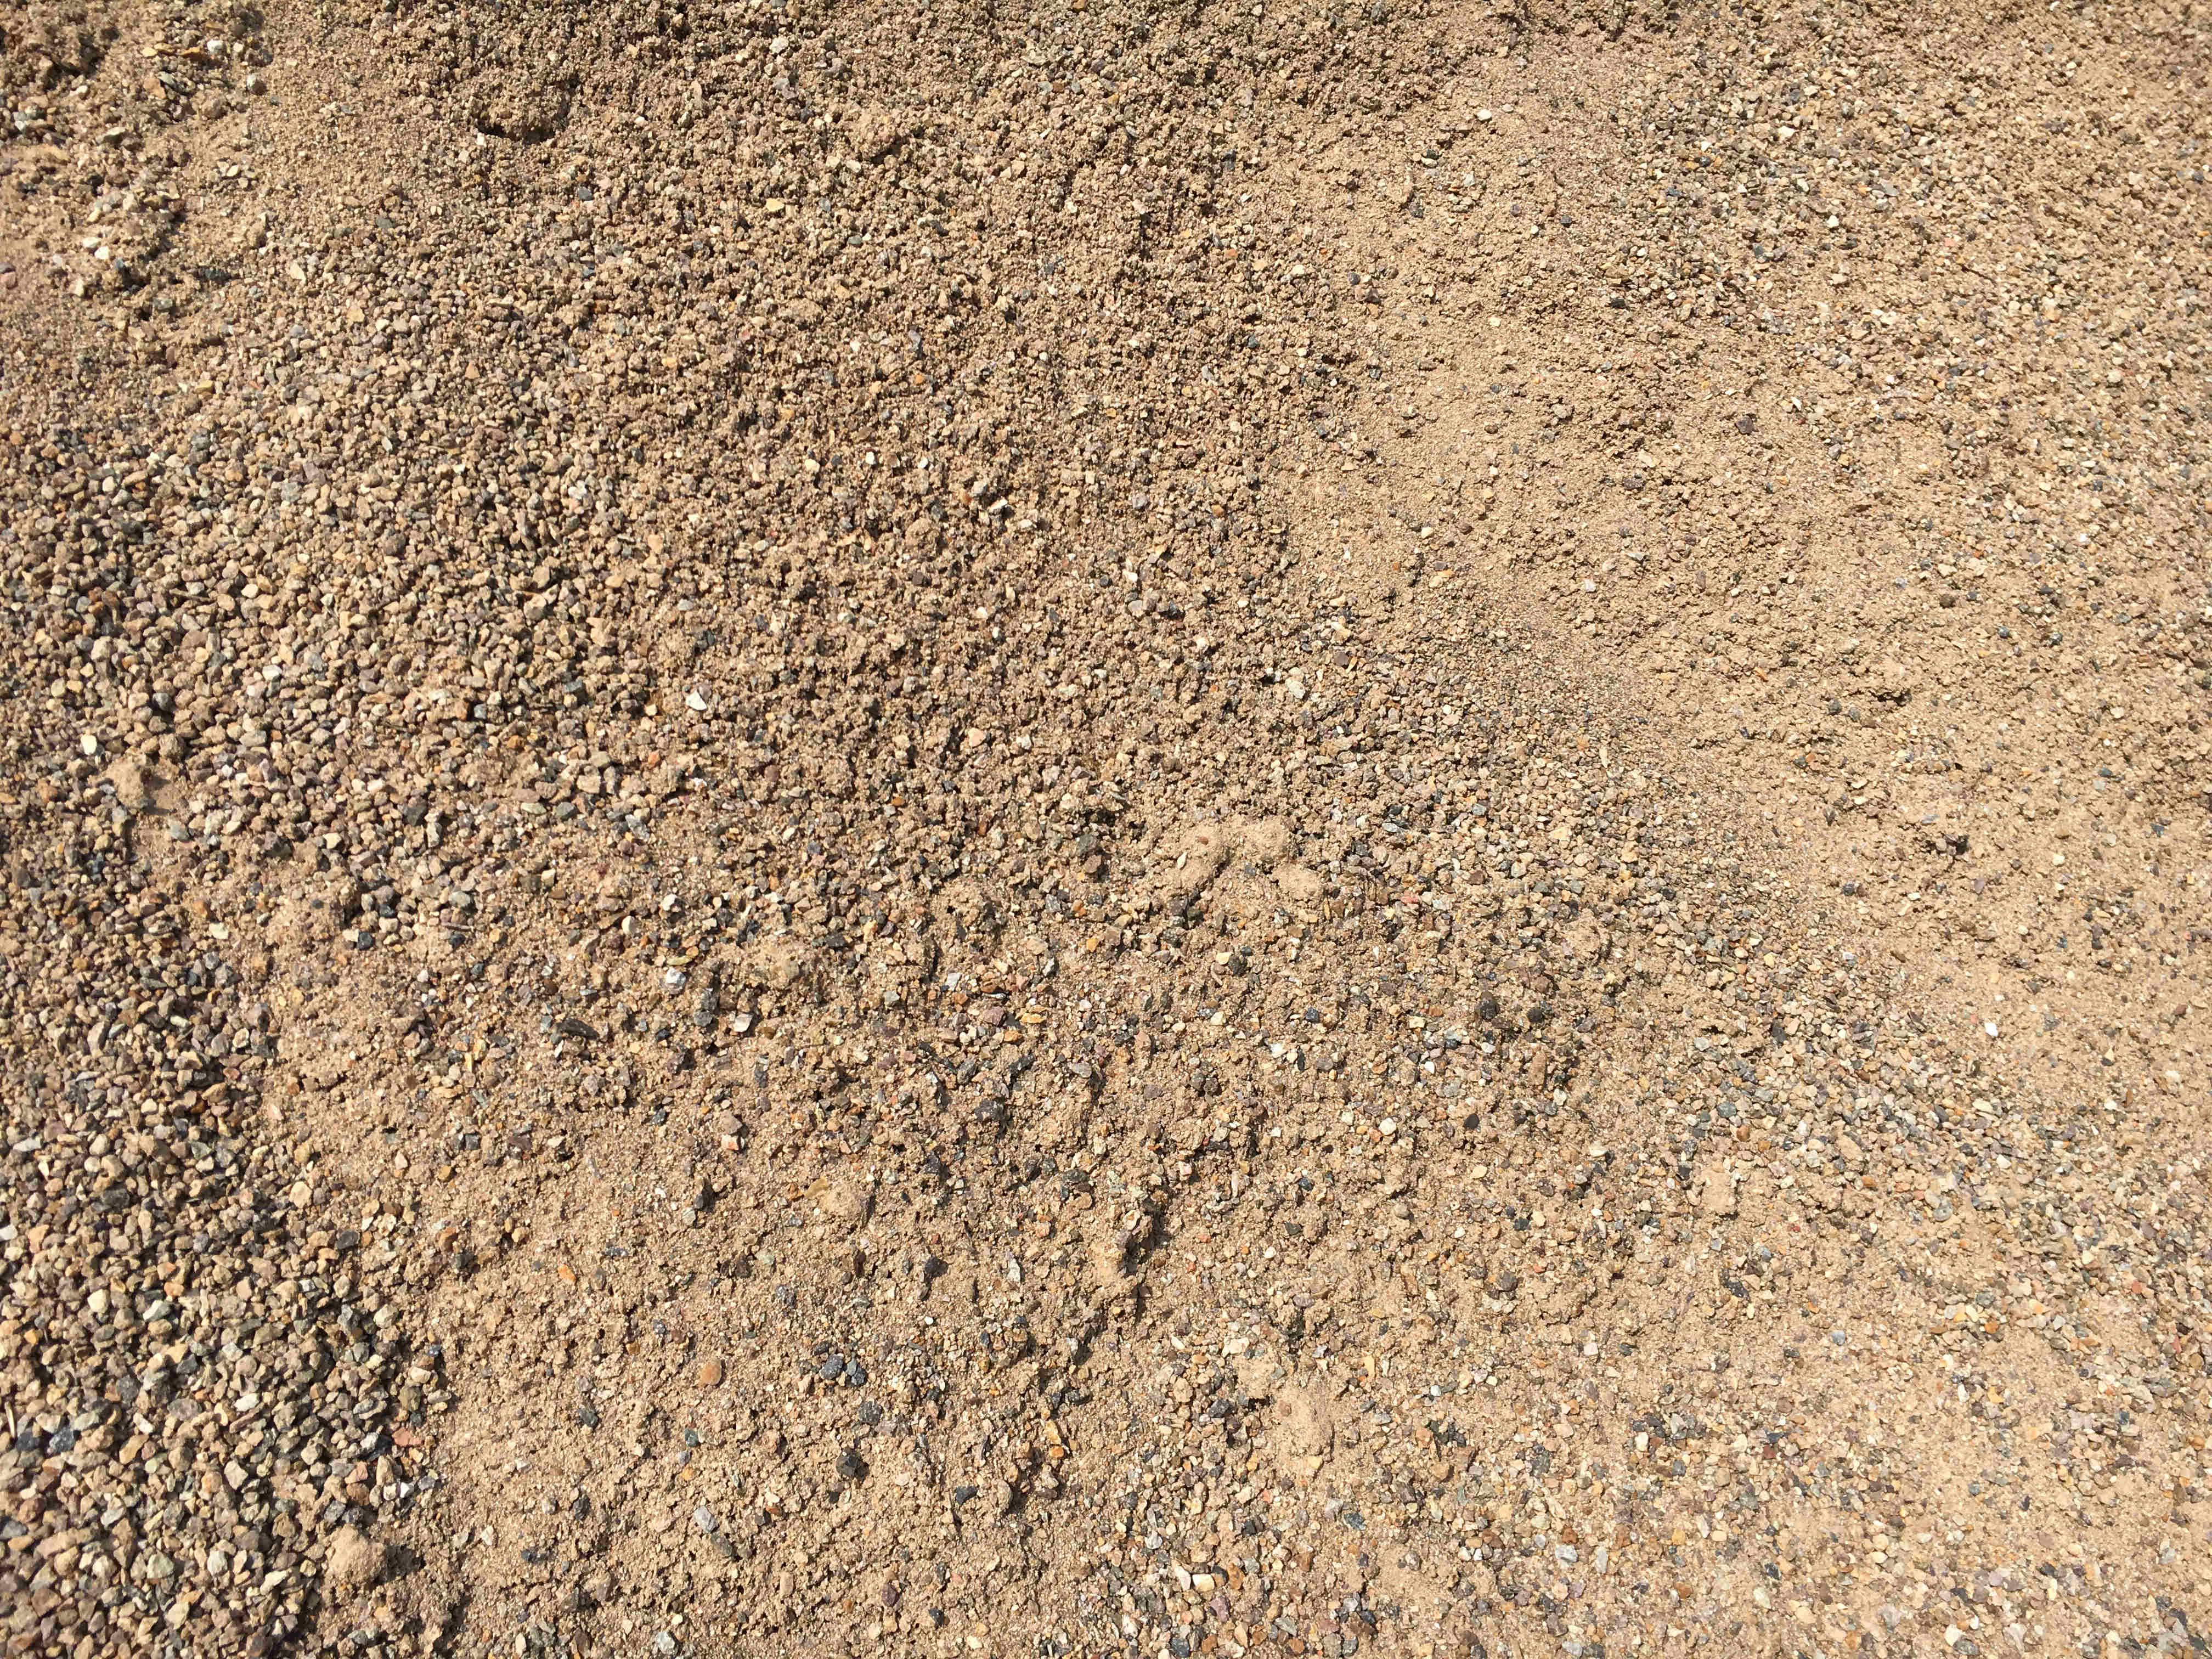 浅析哪种沙子可以称为机制砂?机制砂又有什么特点?